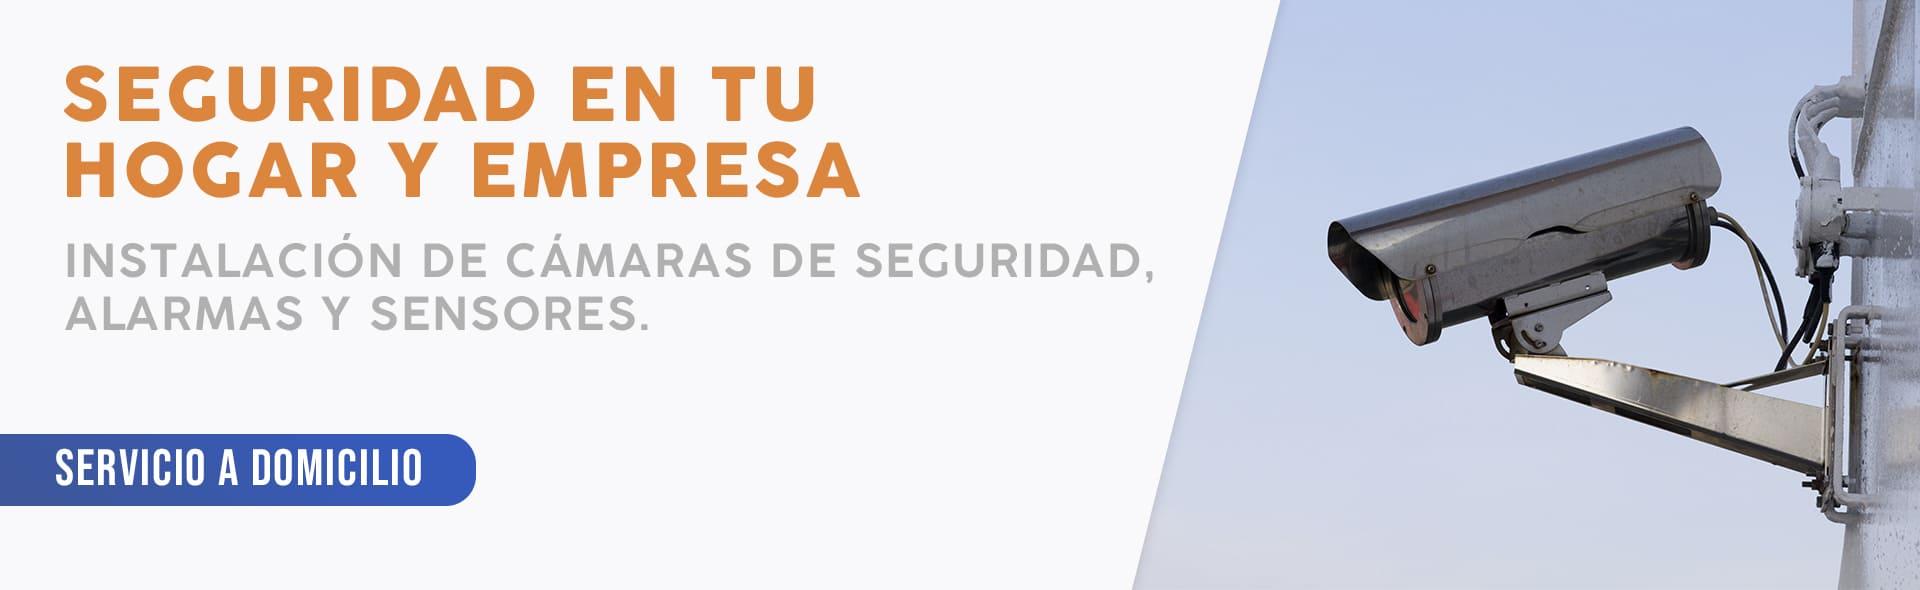 Servicio de calidad para mantener seguro tu empresa y hogar con la mejor tecnologia